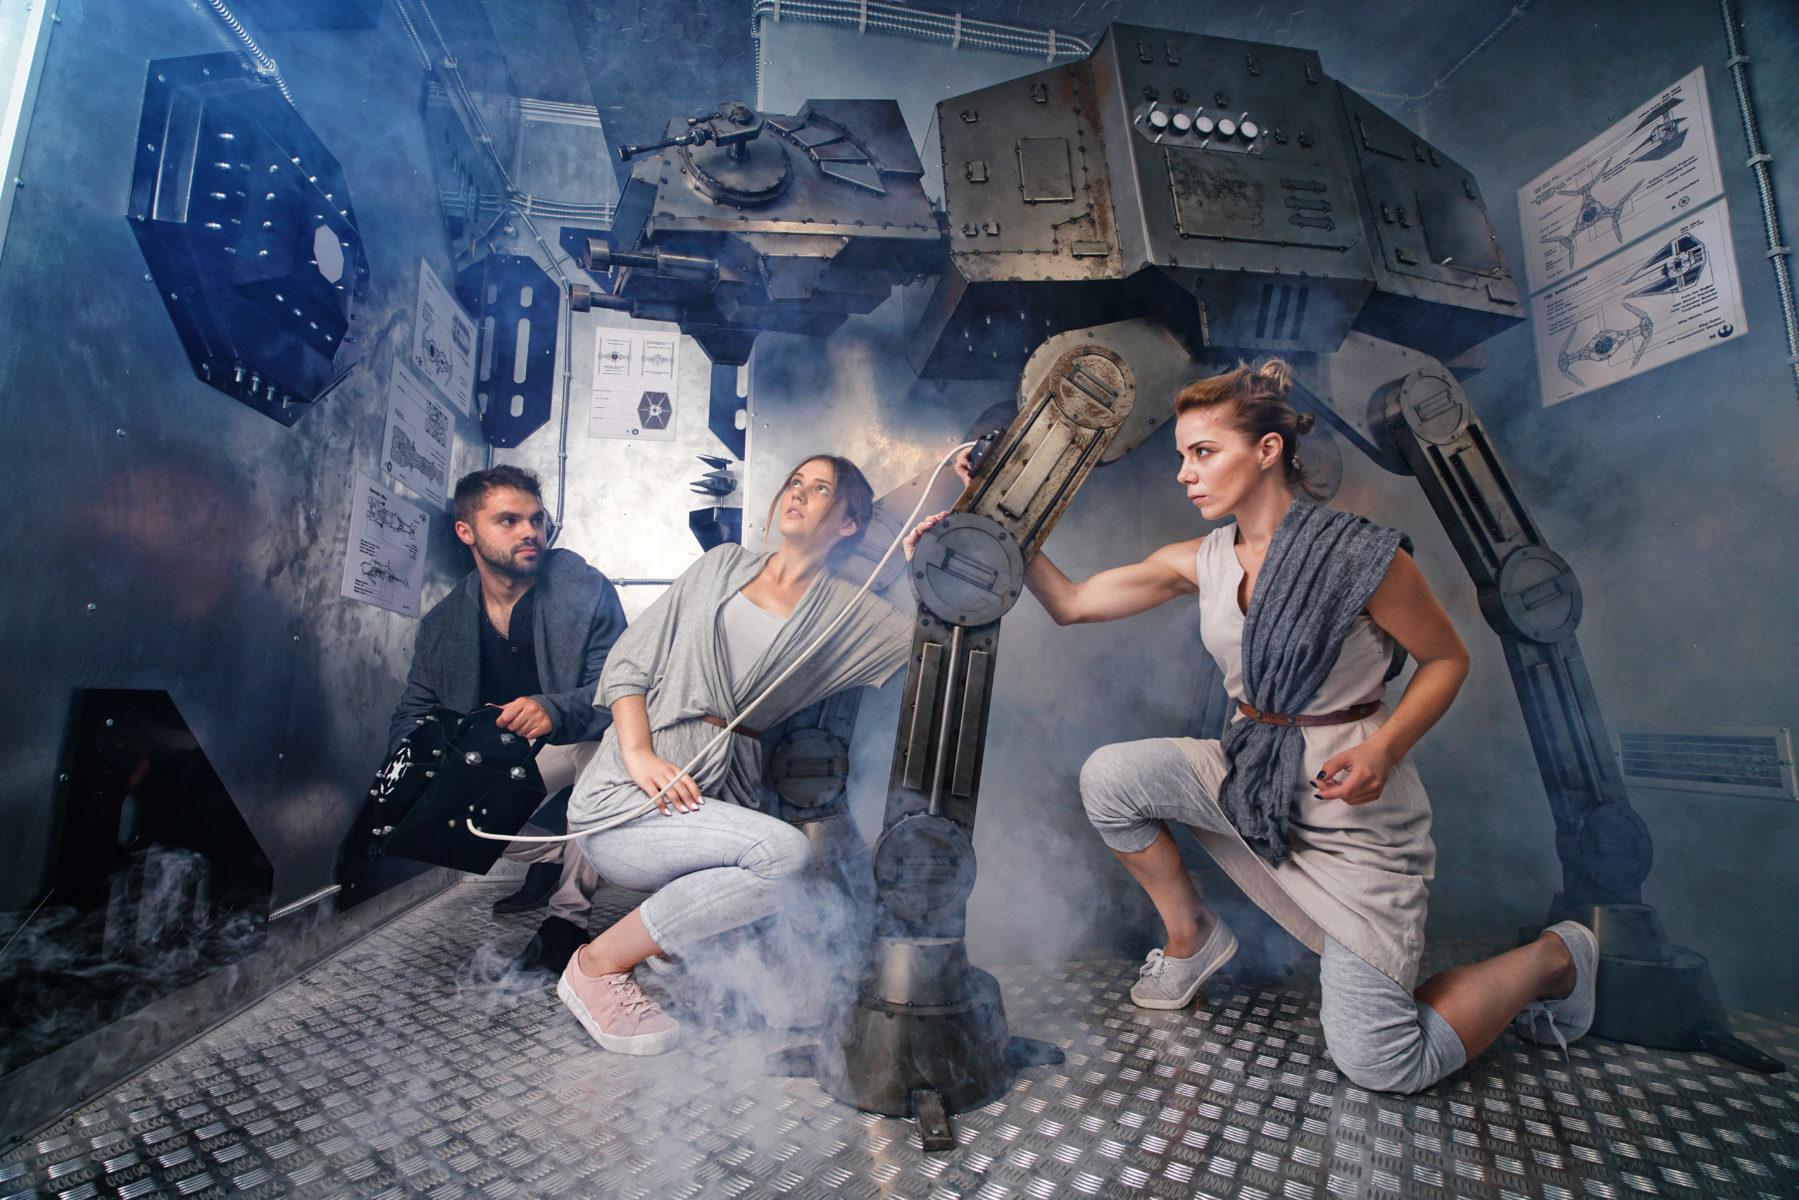 фото квест комнаты Звездные Войны - АТ-АТ робот